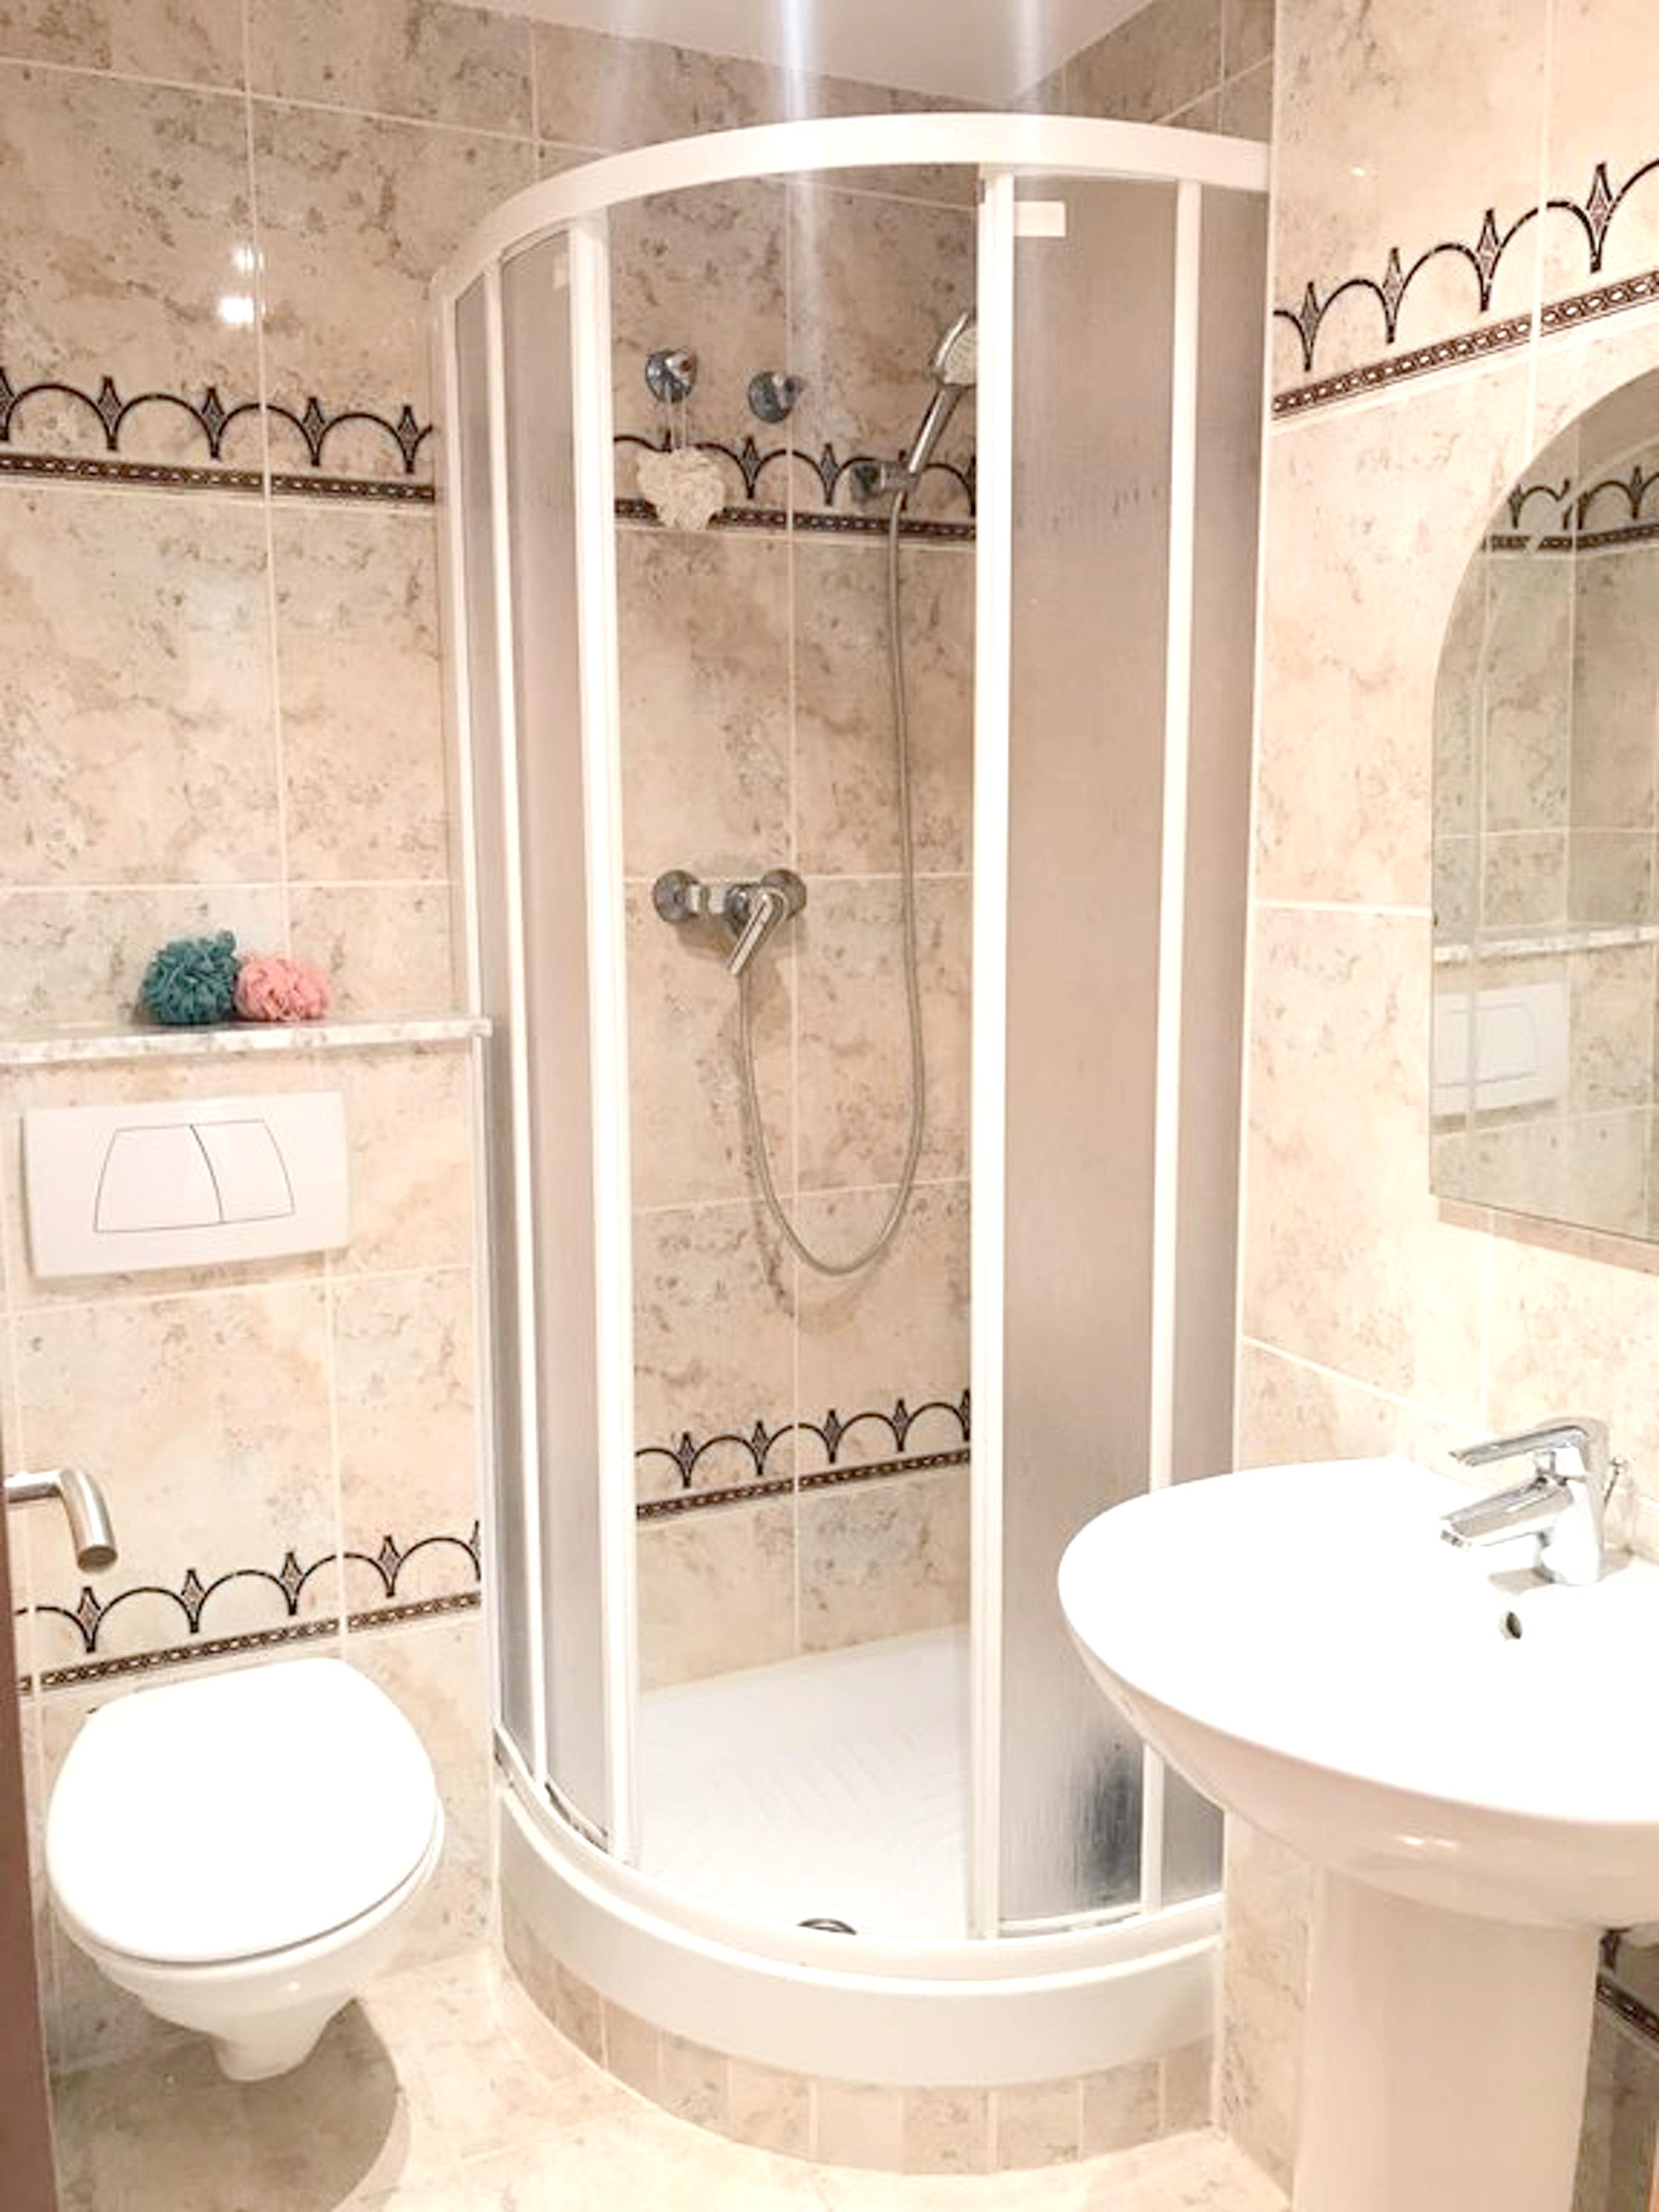 Ferienwohnung Wohnung mit 2 Schlafzimmern in San Jorge mit bezauberndem Seeblick, Pool, eingezäuntem Gar (2722403), San Jorge, Provinz Castellón, Valencia, Spanien, Bild 12